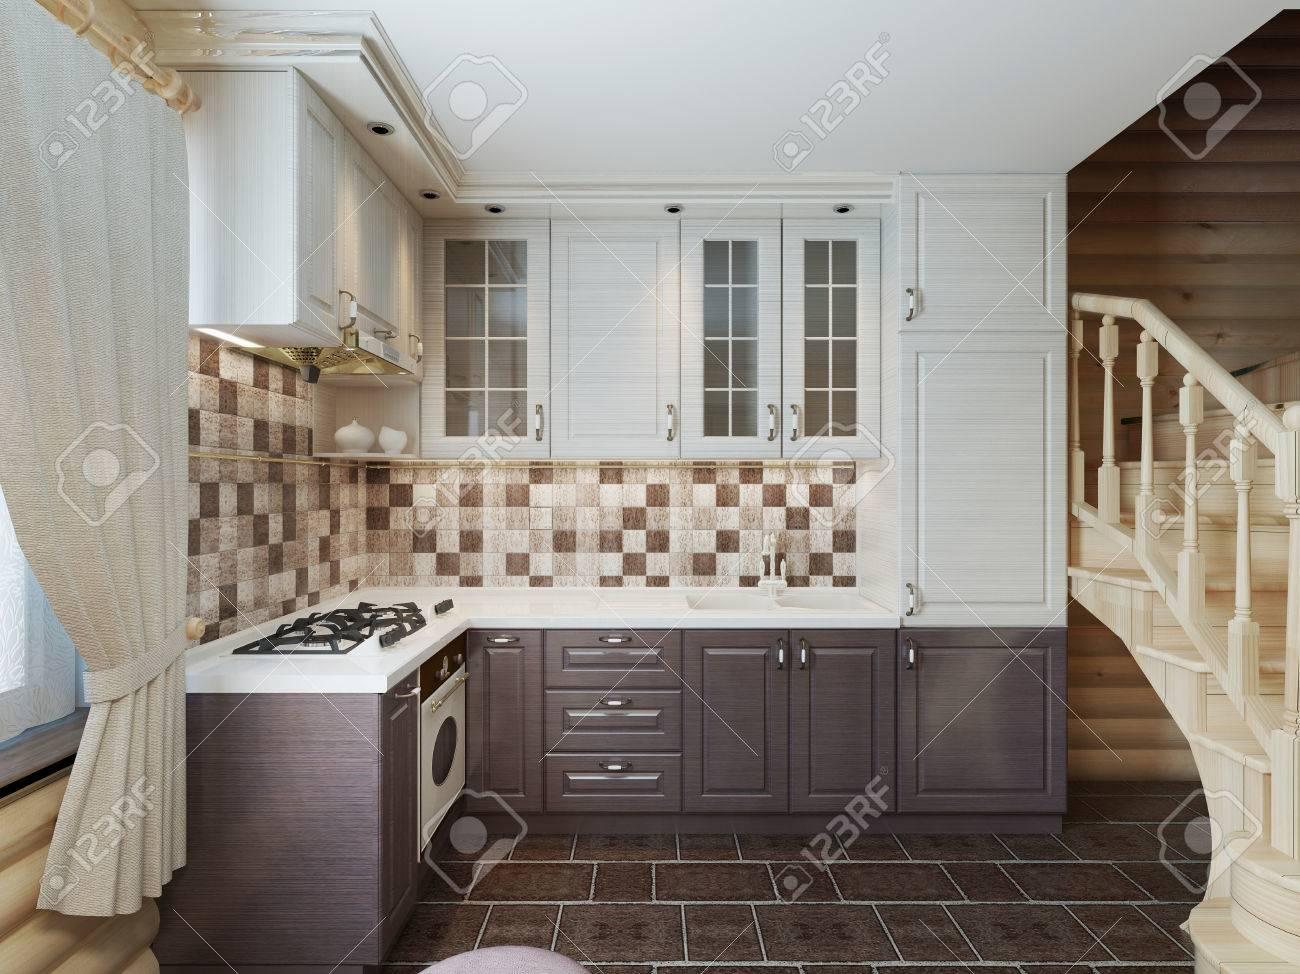 Die Küche Im Blockhaus In Einem Modernen Stil Von Schwarzen Und ...